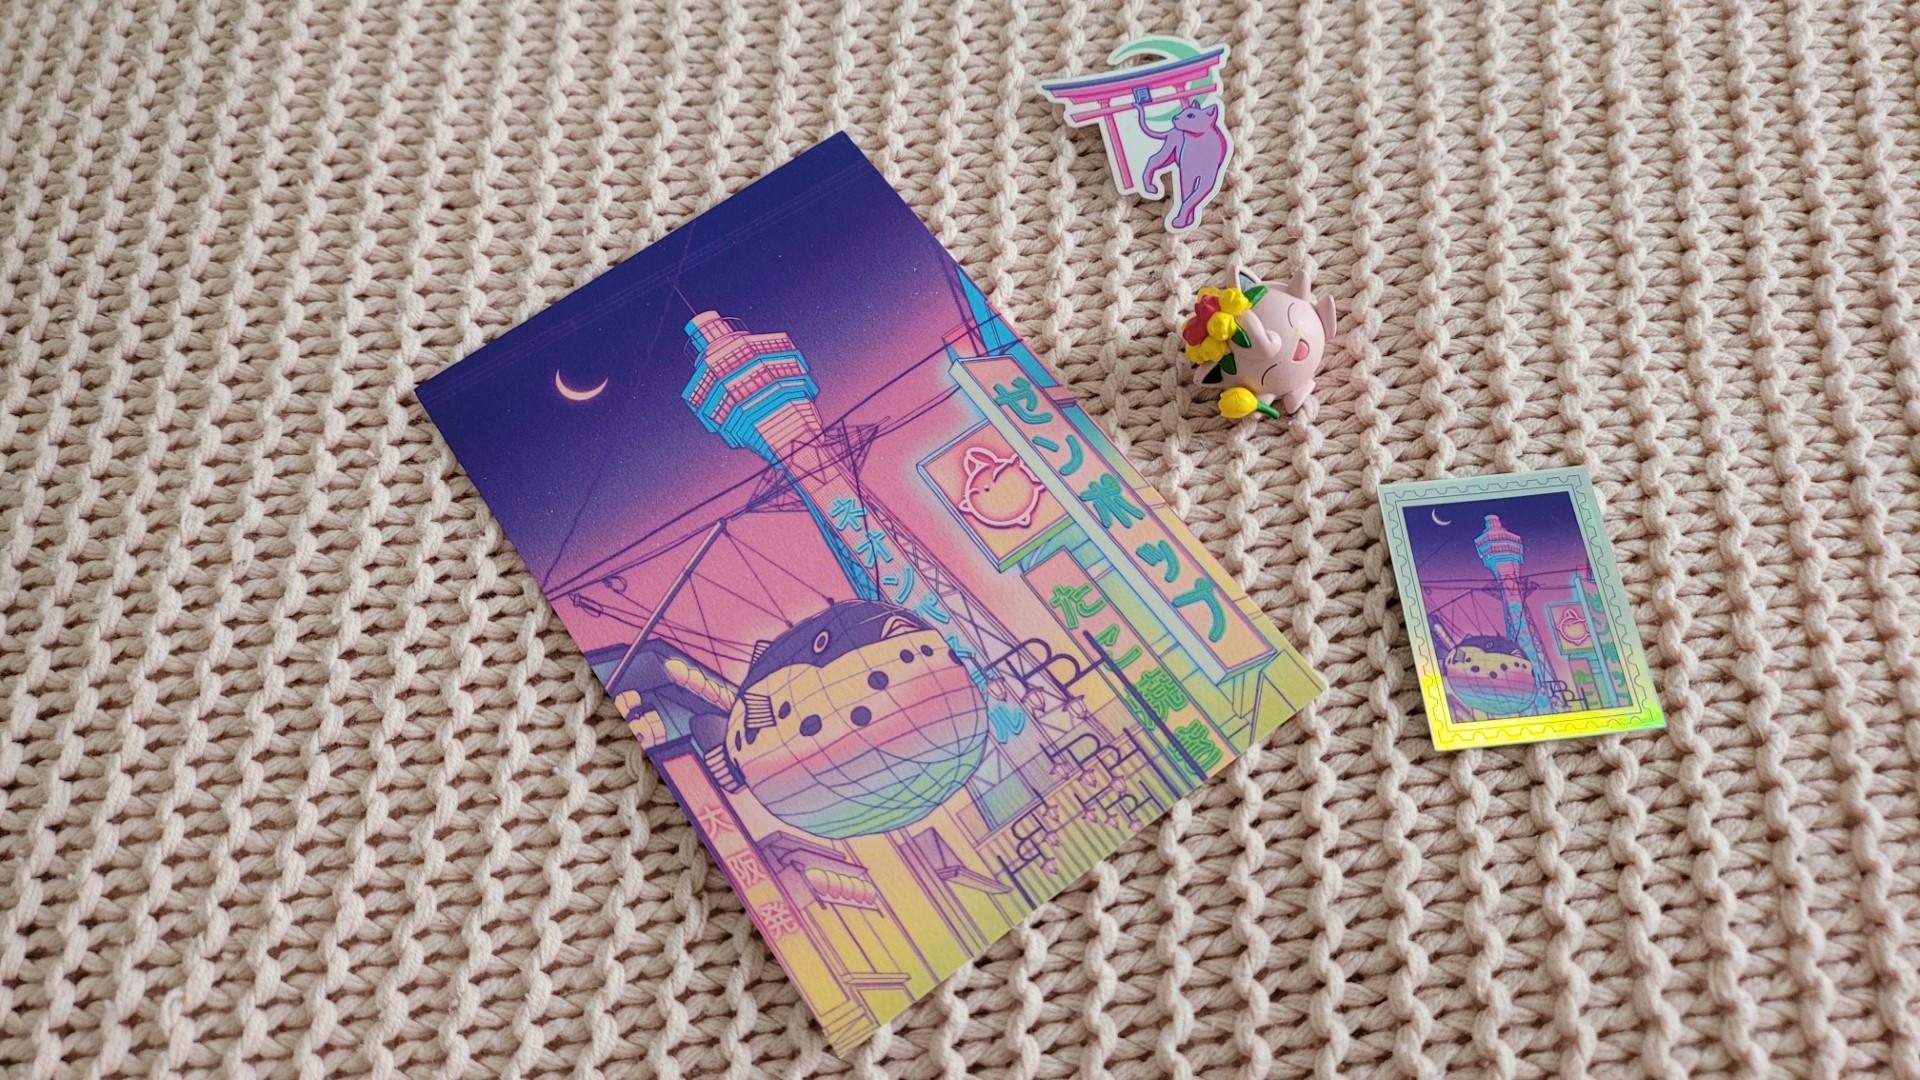 zenpop pack papeterie japonaise fevrier neon pastel creations Surudenise